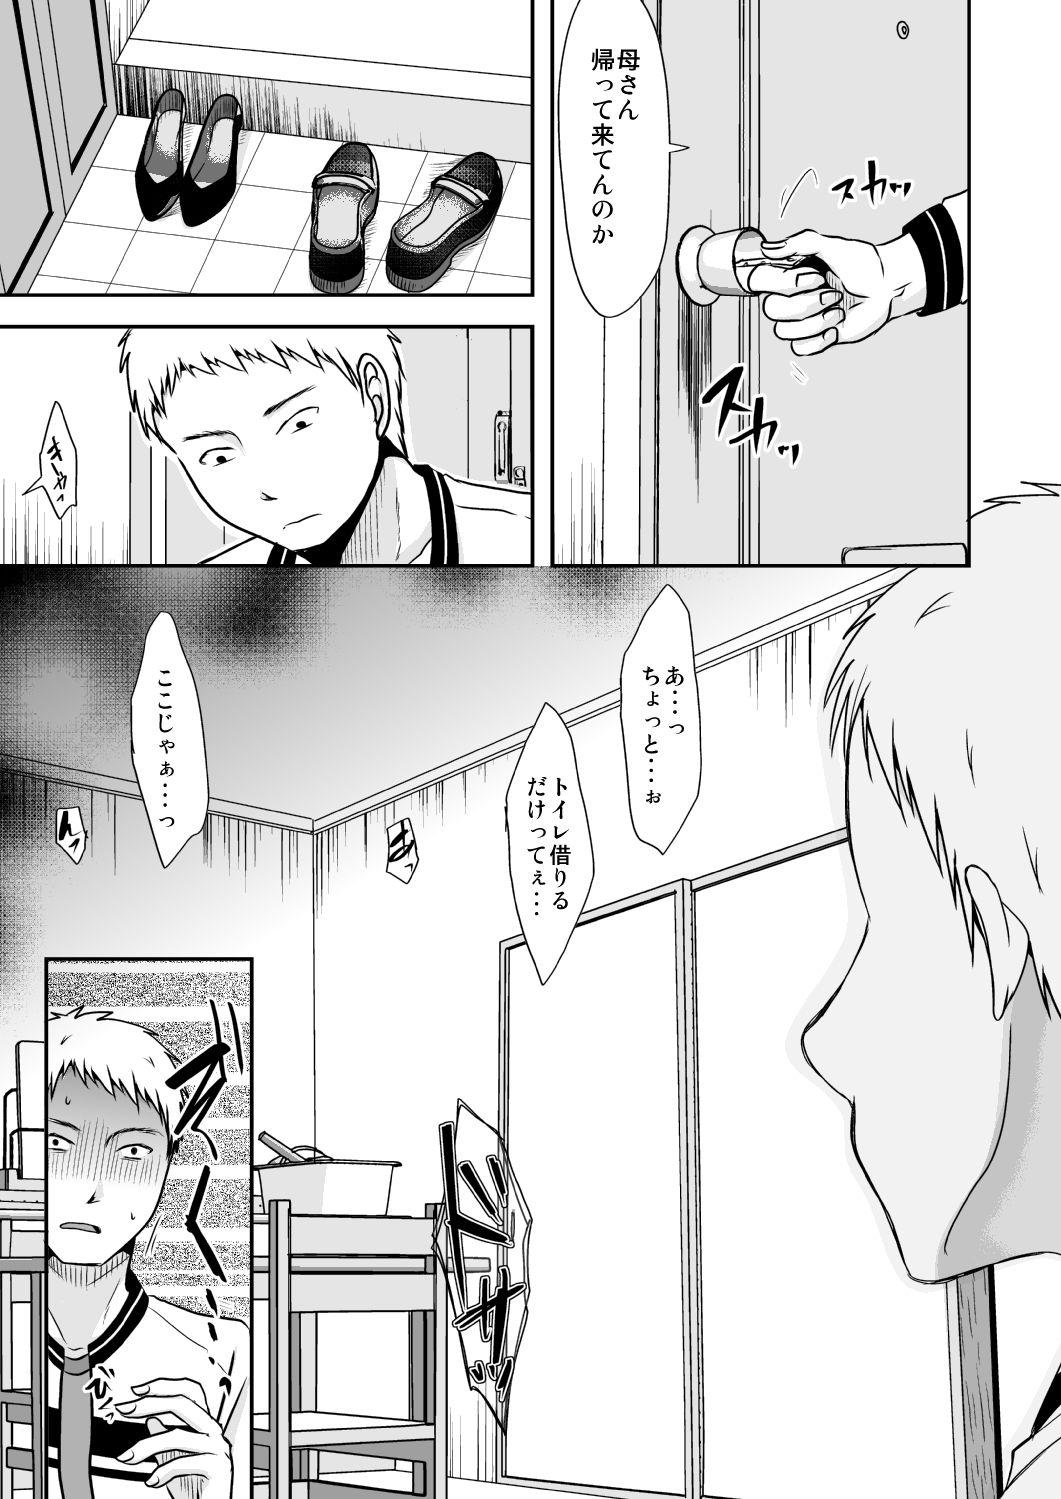 【エロ漫画無料大全集】バイトから帰ってきたら母ちゃんと知らない男がセクロスしてるwww【うちに早く帰ったら: TTSY】